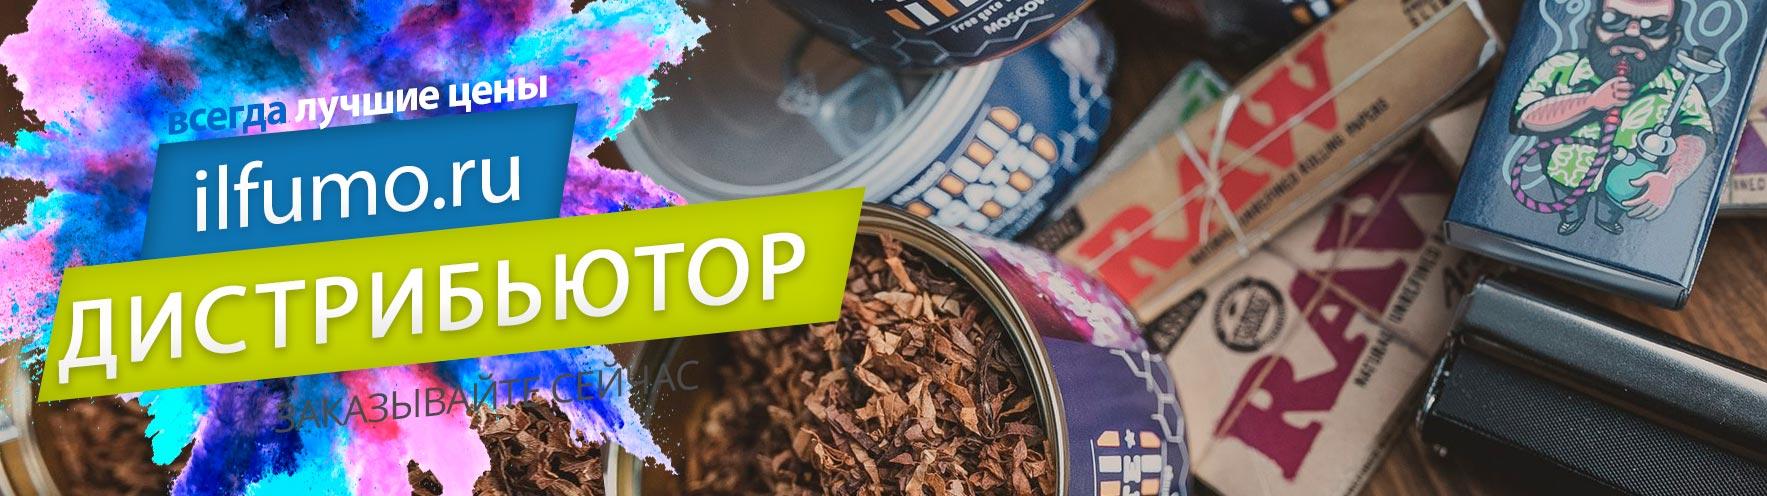 Табак Frigate оптом на официальном сайте поставщика в ilfumo